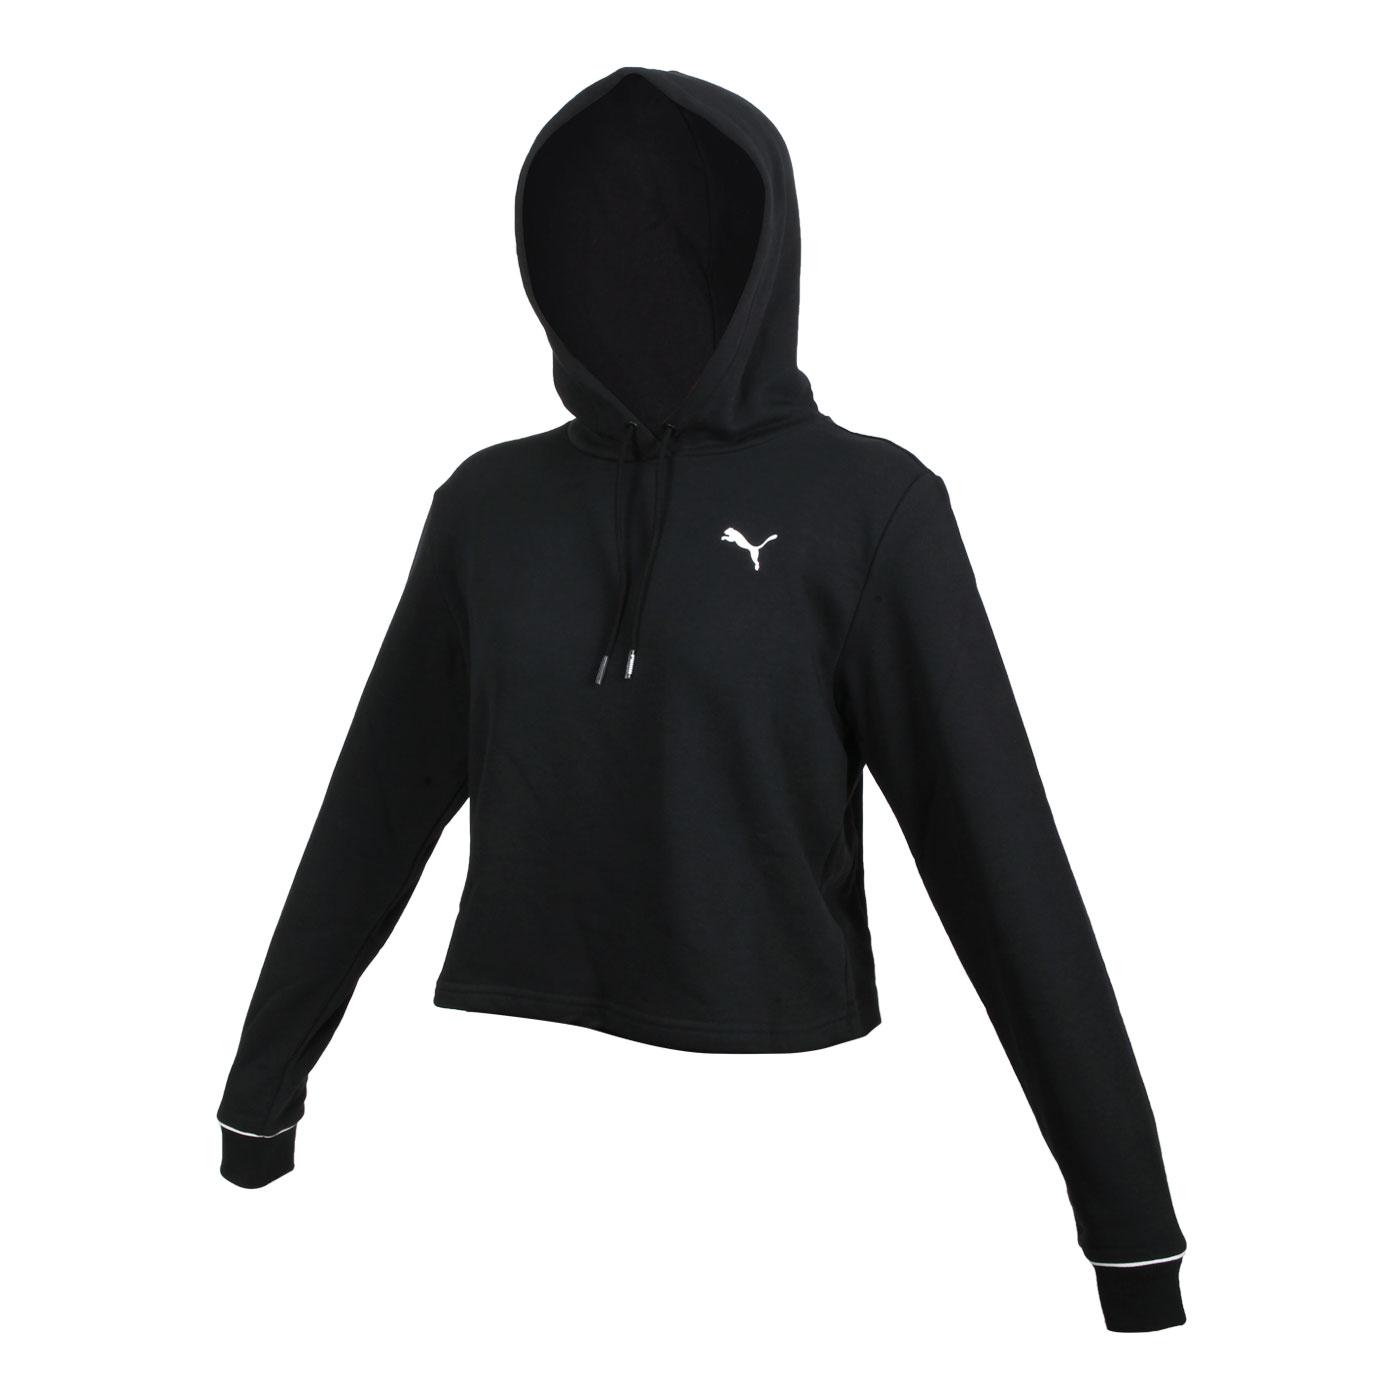 PUMA 女款長厚連帽T恤 58716201 - 黑白